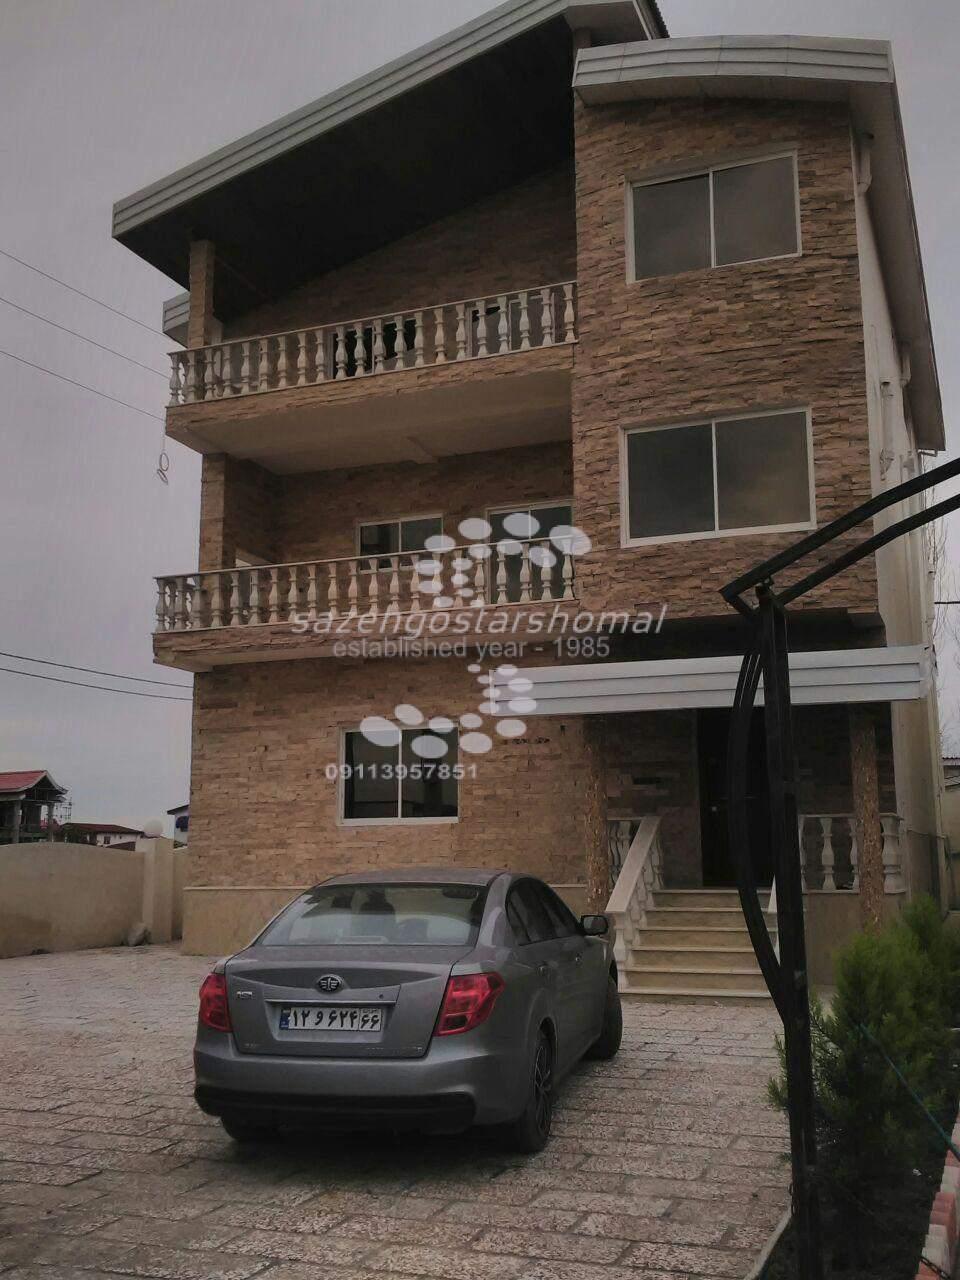 ویلا مازندران